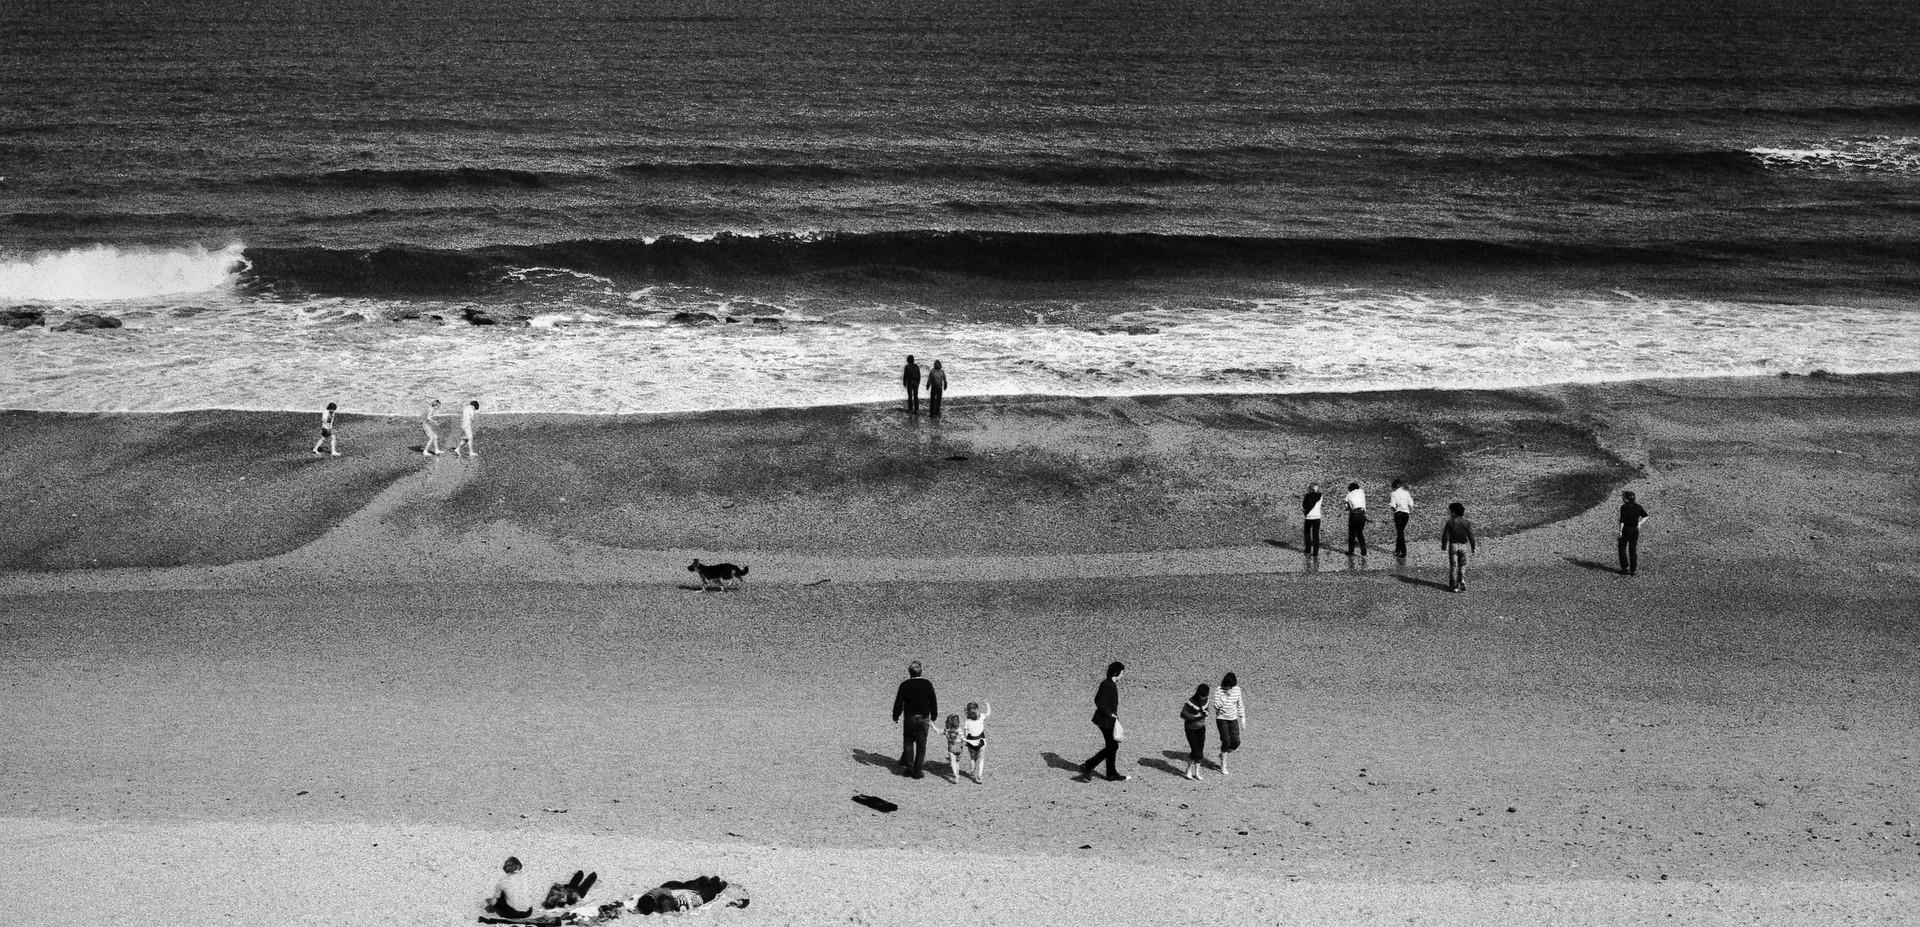 Whitley Bay, England 1982